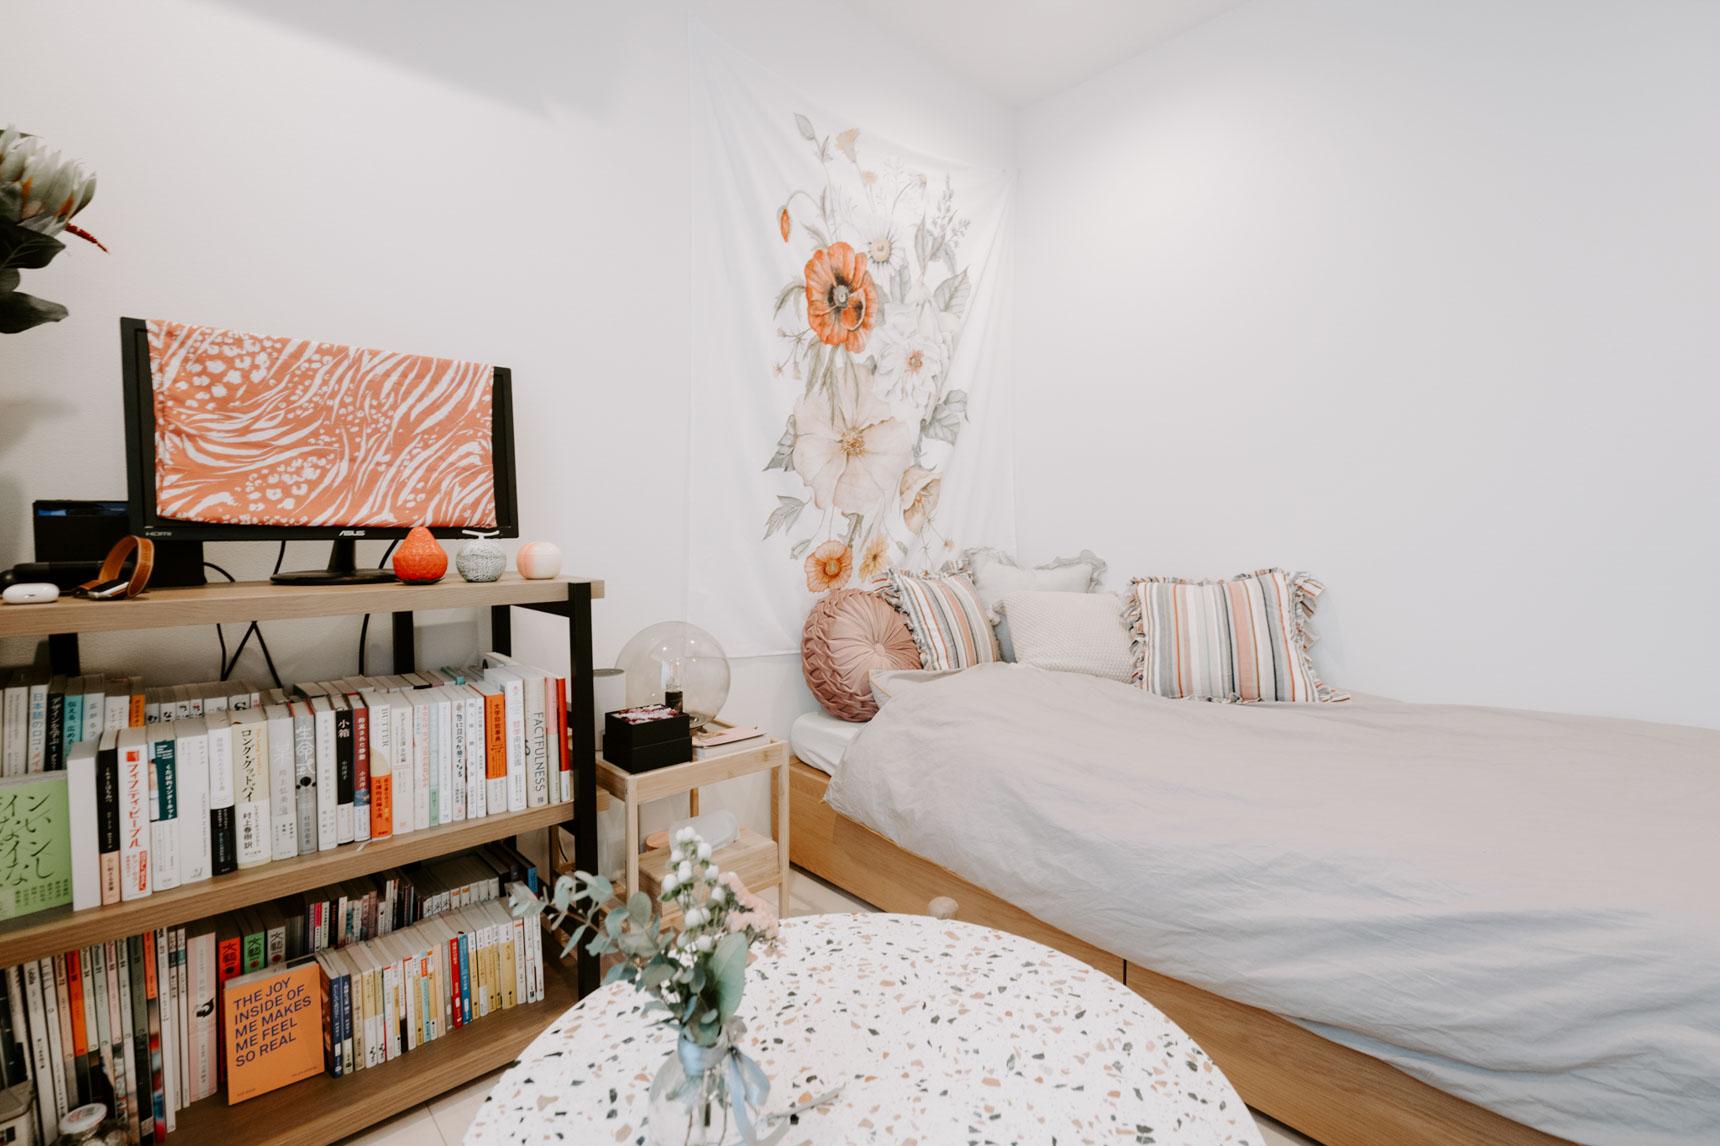 壁には印象的なフラワーモチーフの布を飾って。